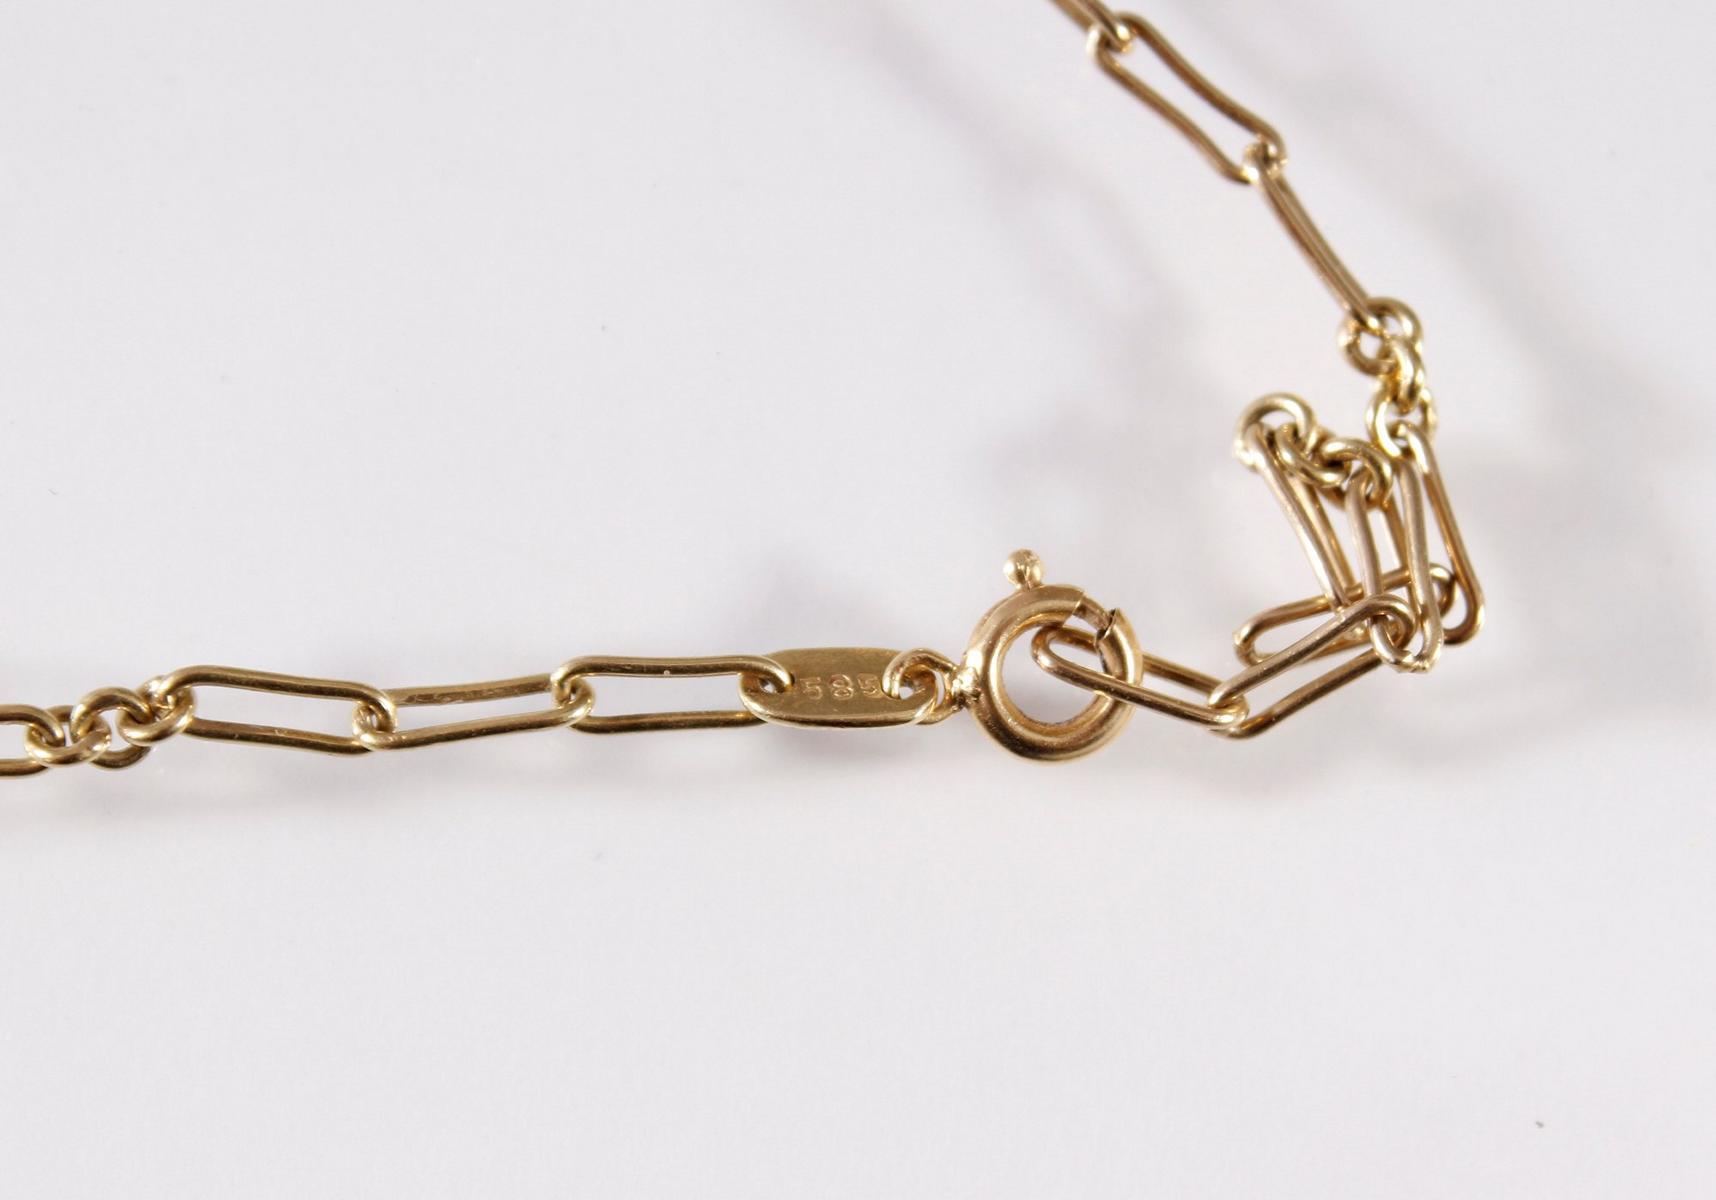 Halskette, 14 Karat Gelbgold-2